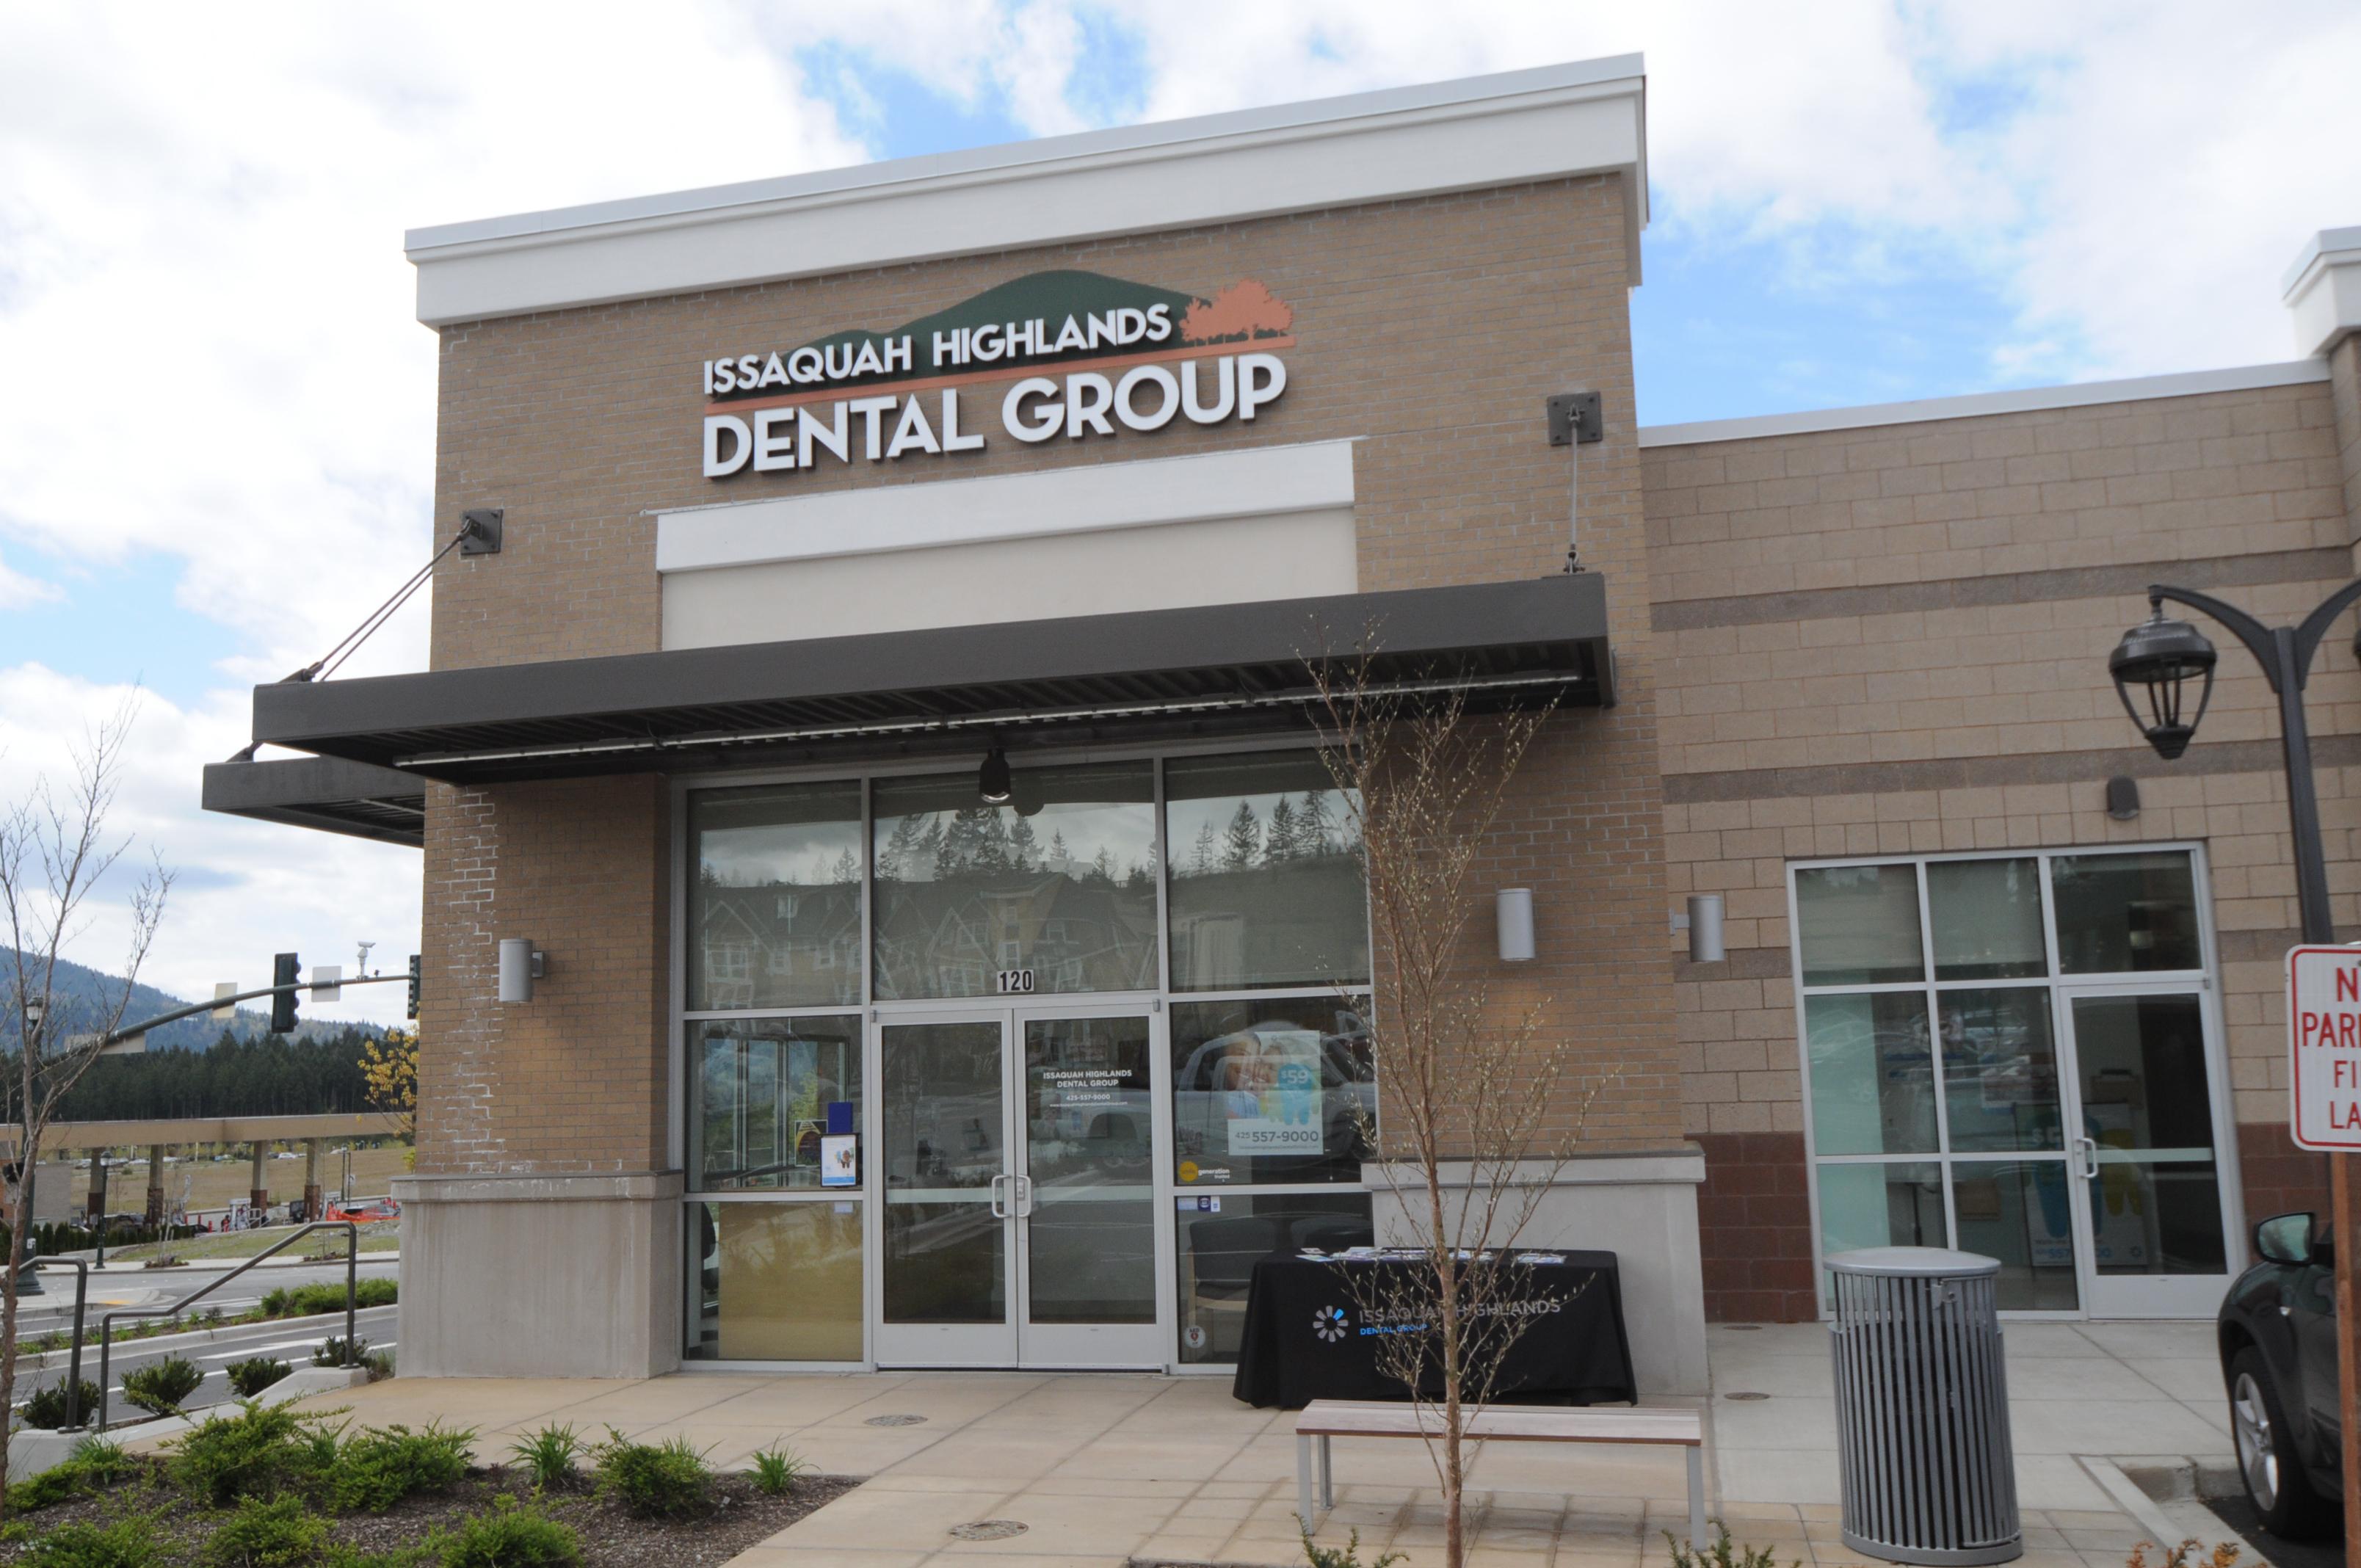 Issaquah Highlands Dental Group image 1